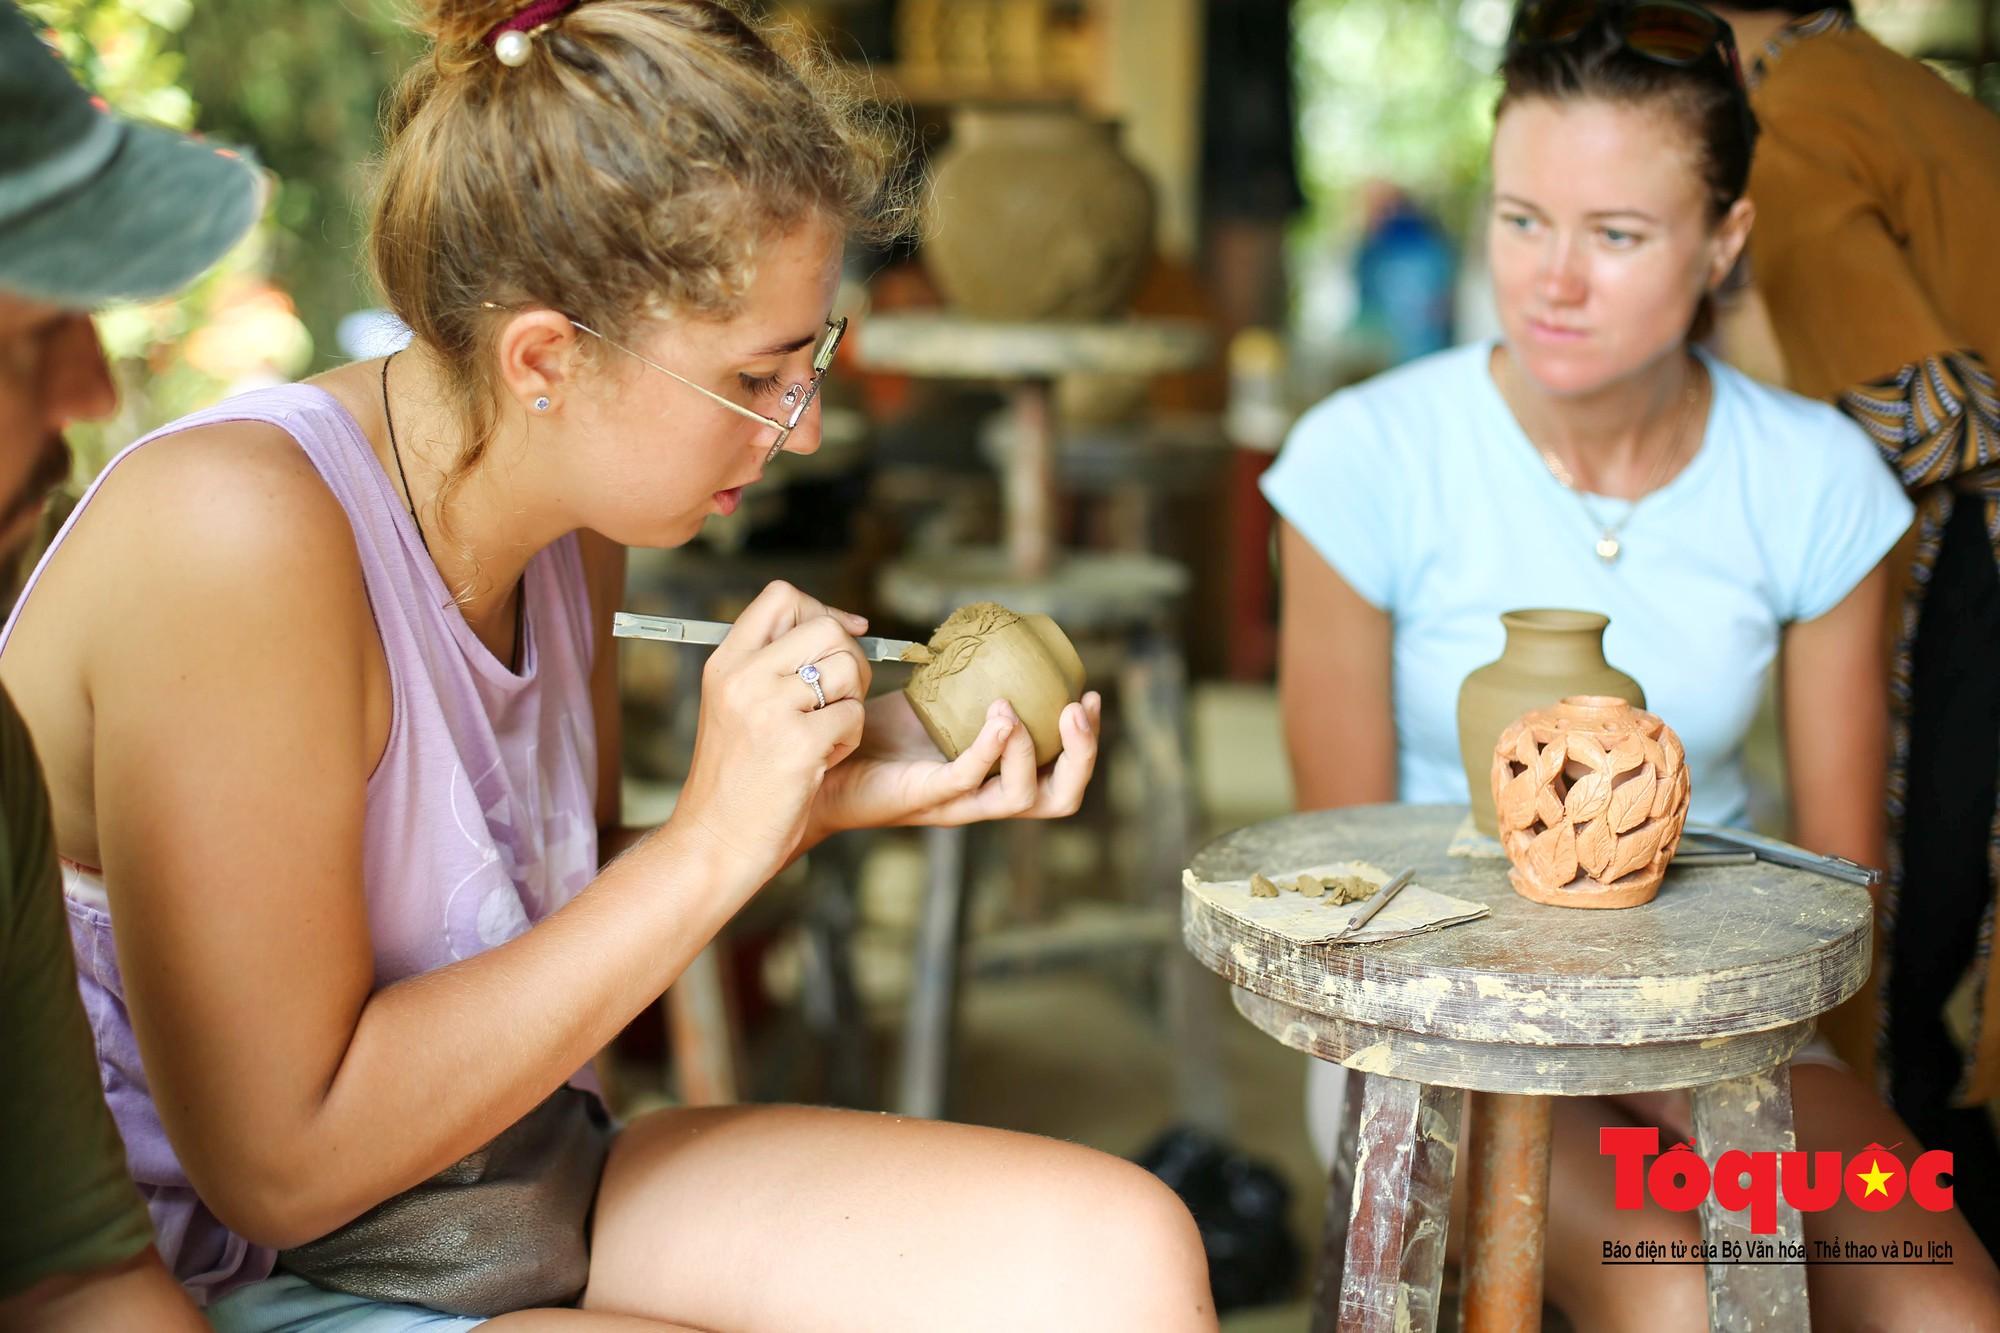 Vẻ đẹp trầm mặc của làng gốm gần nghìn năm tuổi bên dòng sông Thu Bồn24